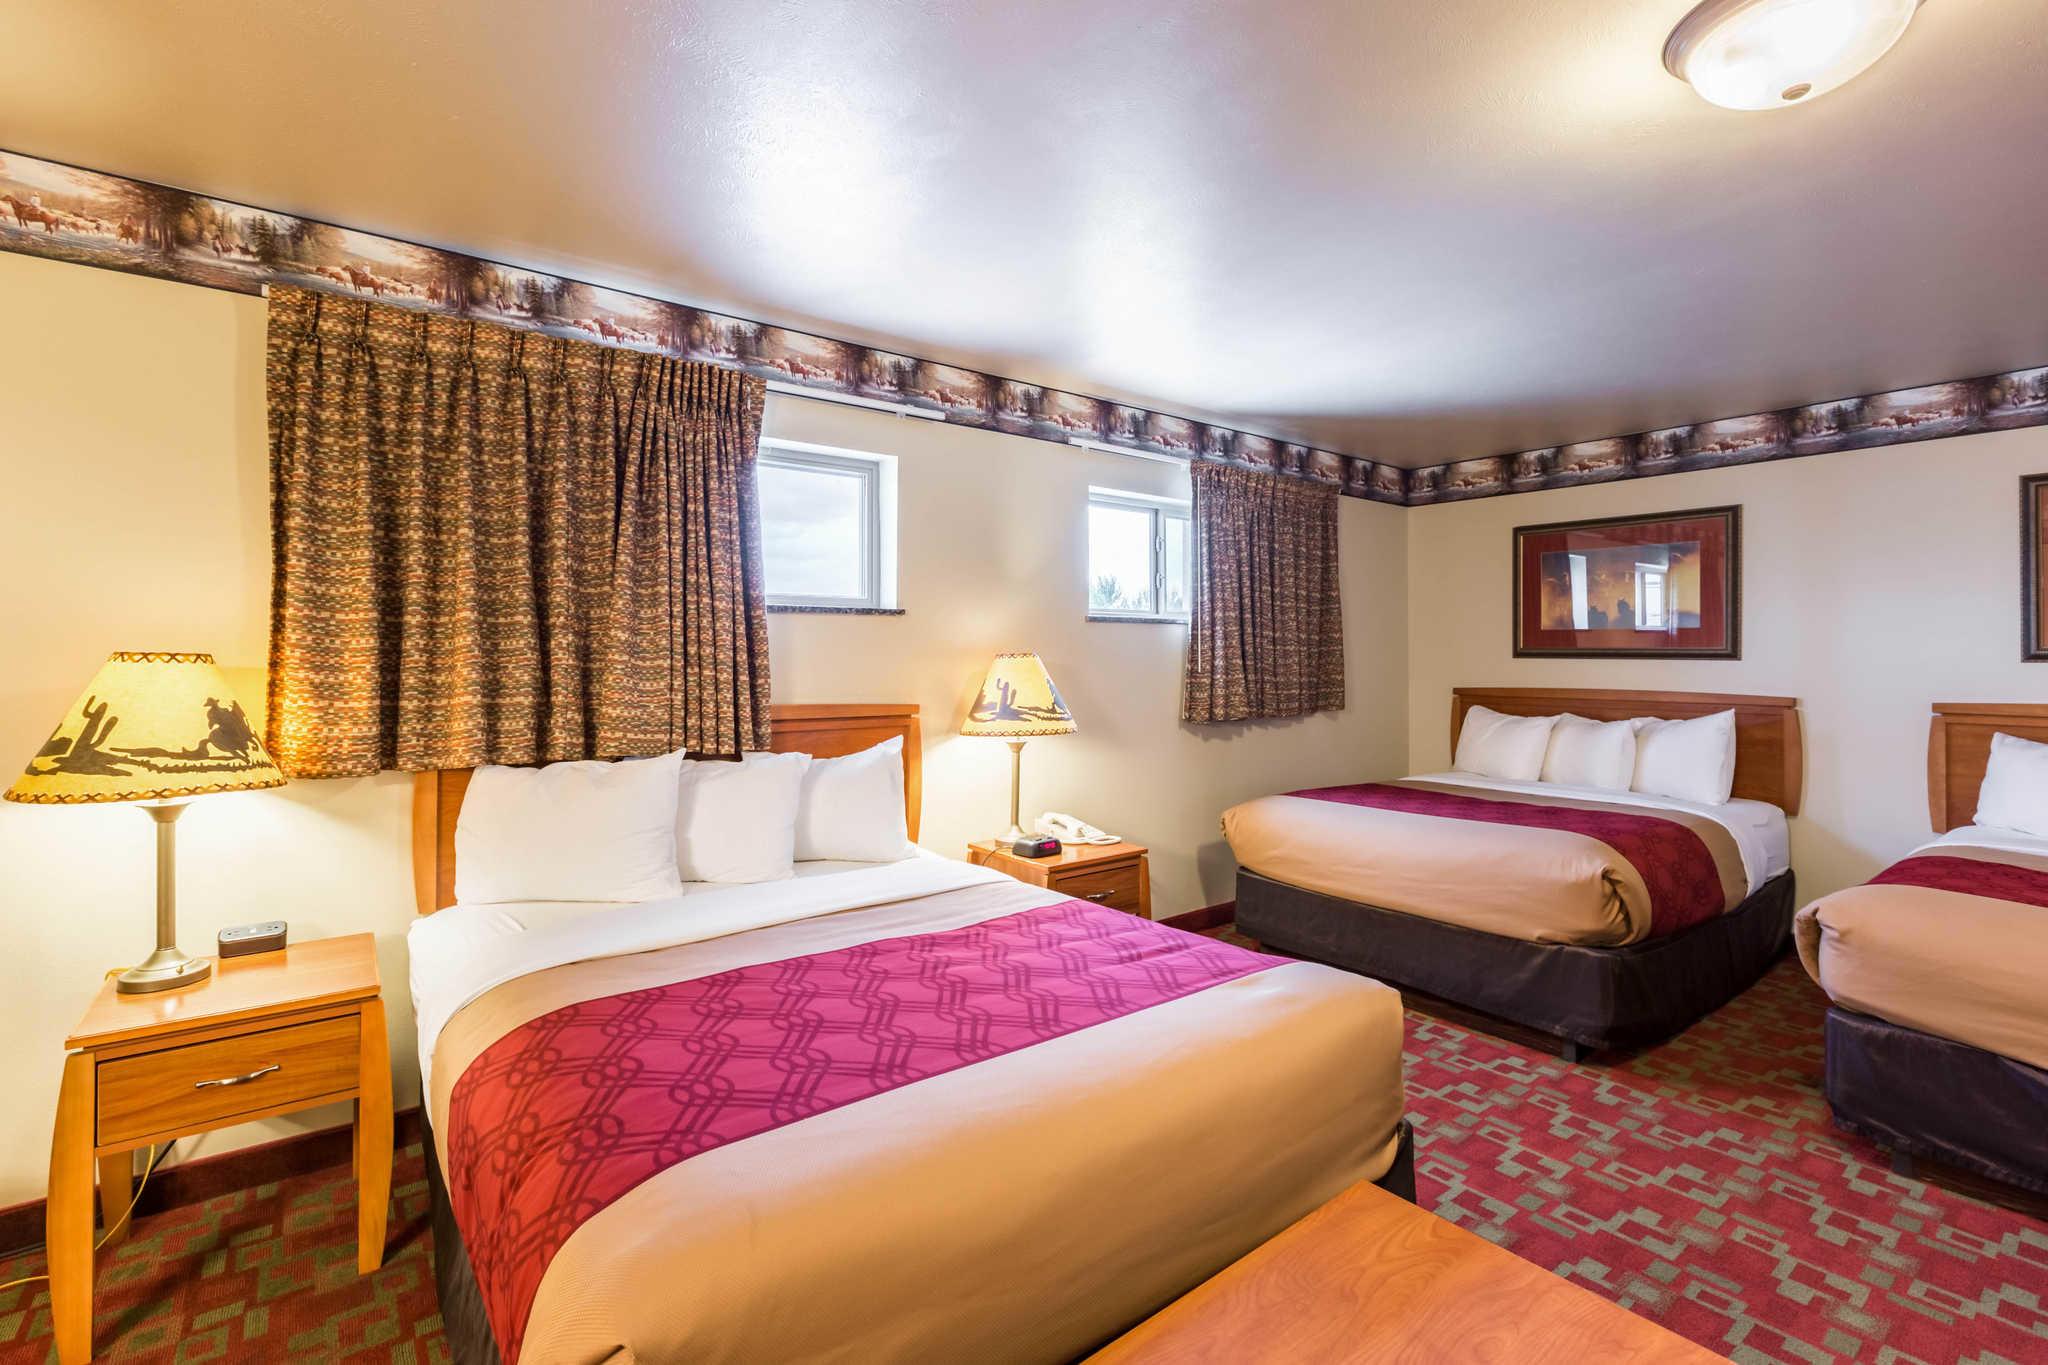 Econo Lodge Inn Amp Suites Valentine Nebraska NE